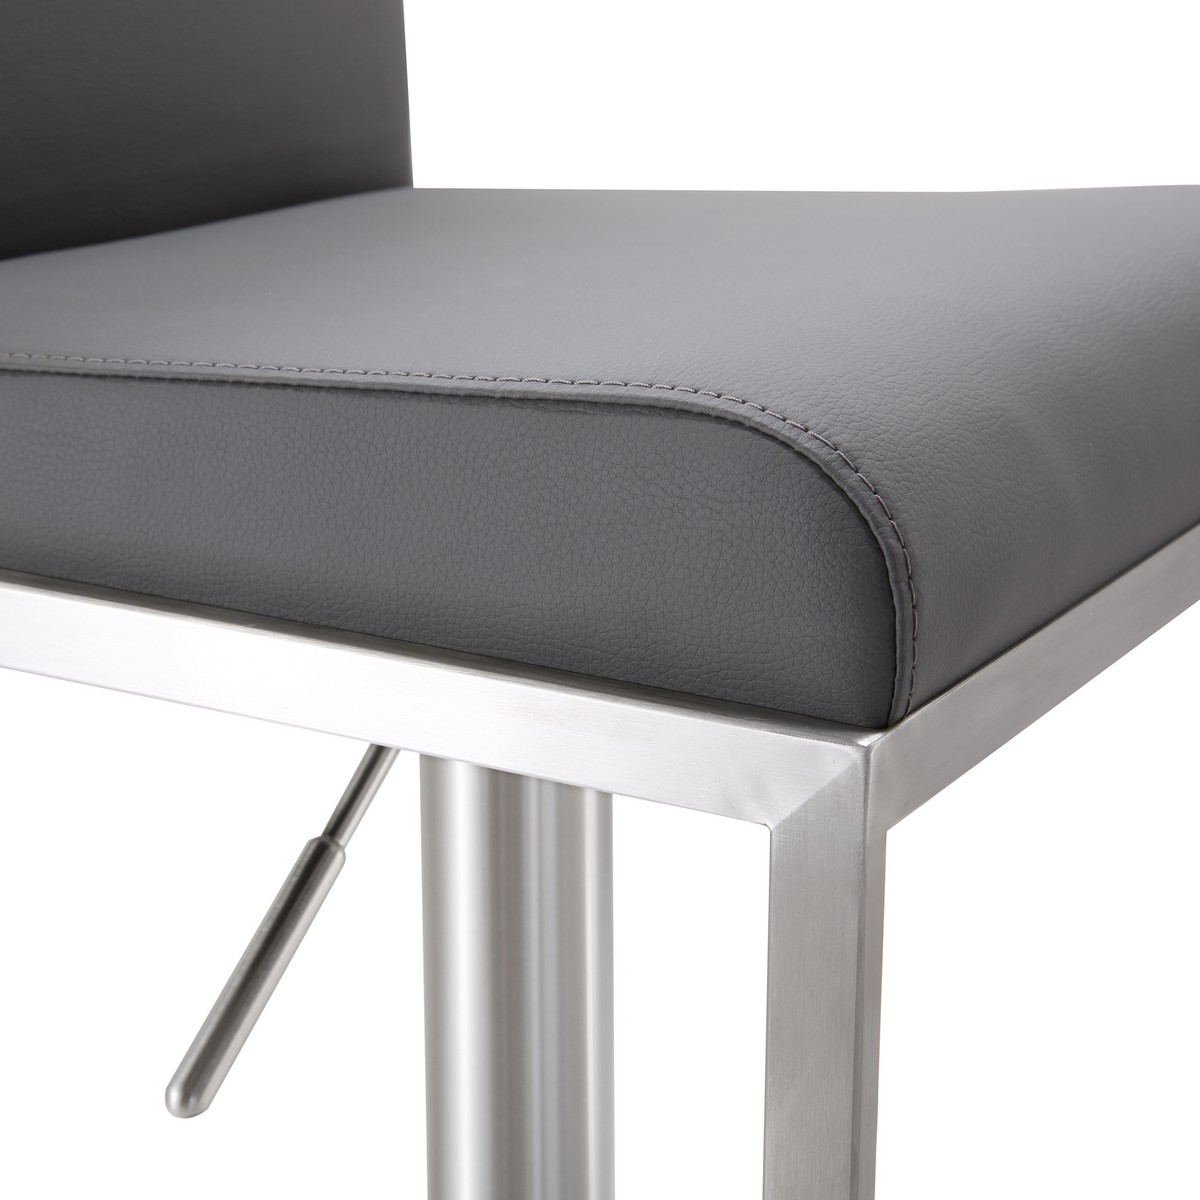 TOV Furniture Amalfi Grey Stainless Steel Adjustable Barstool